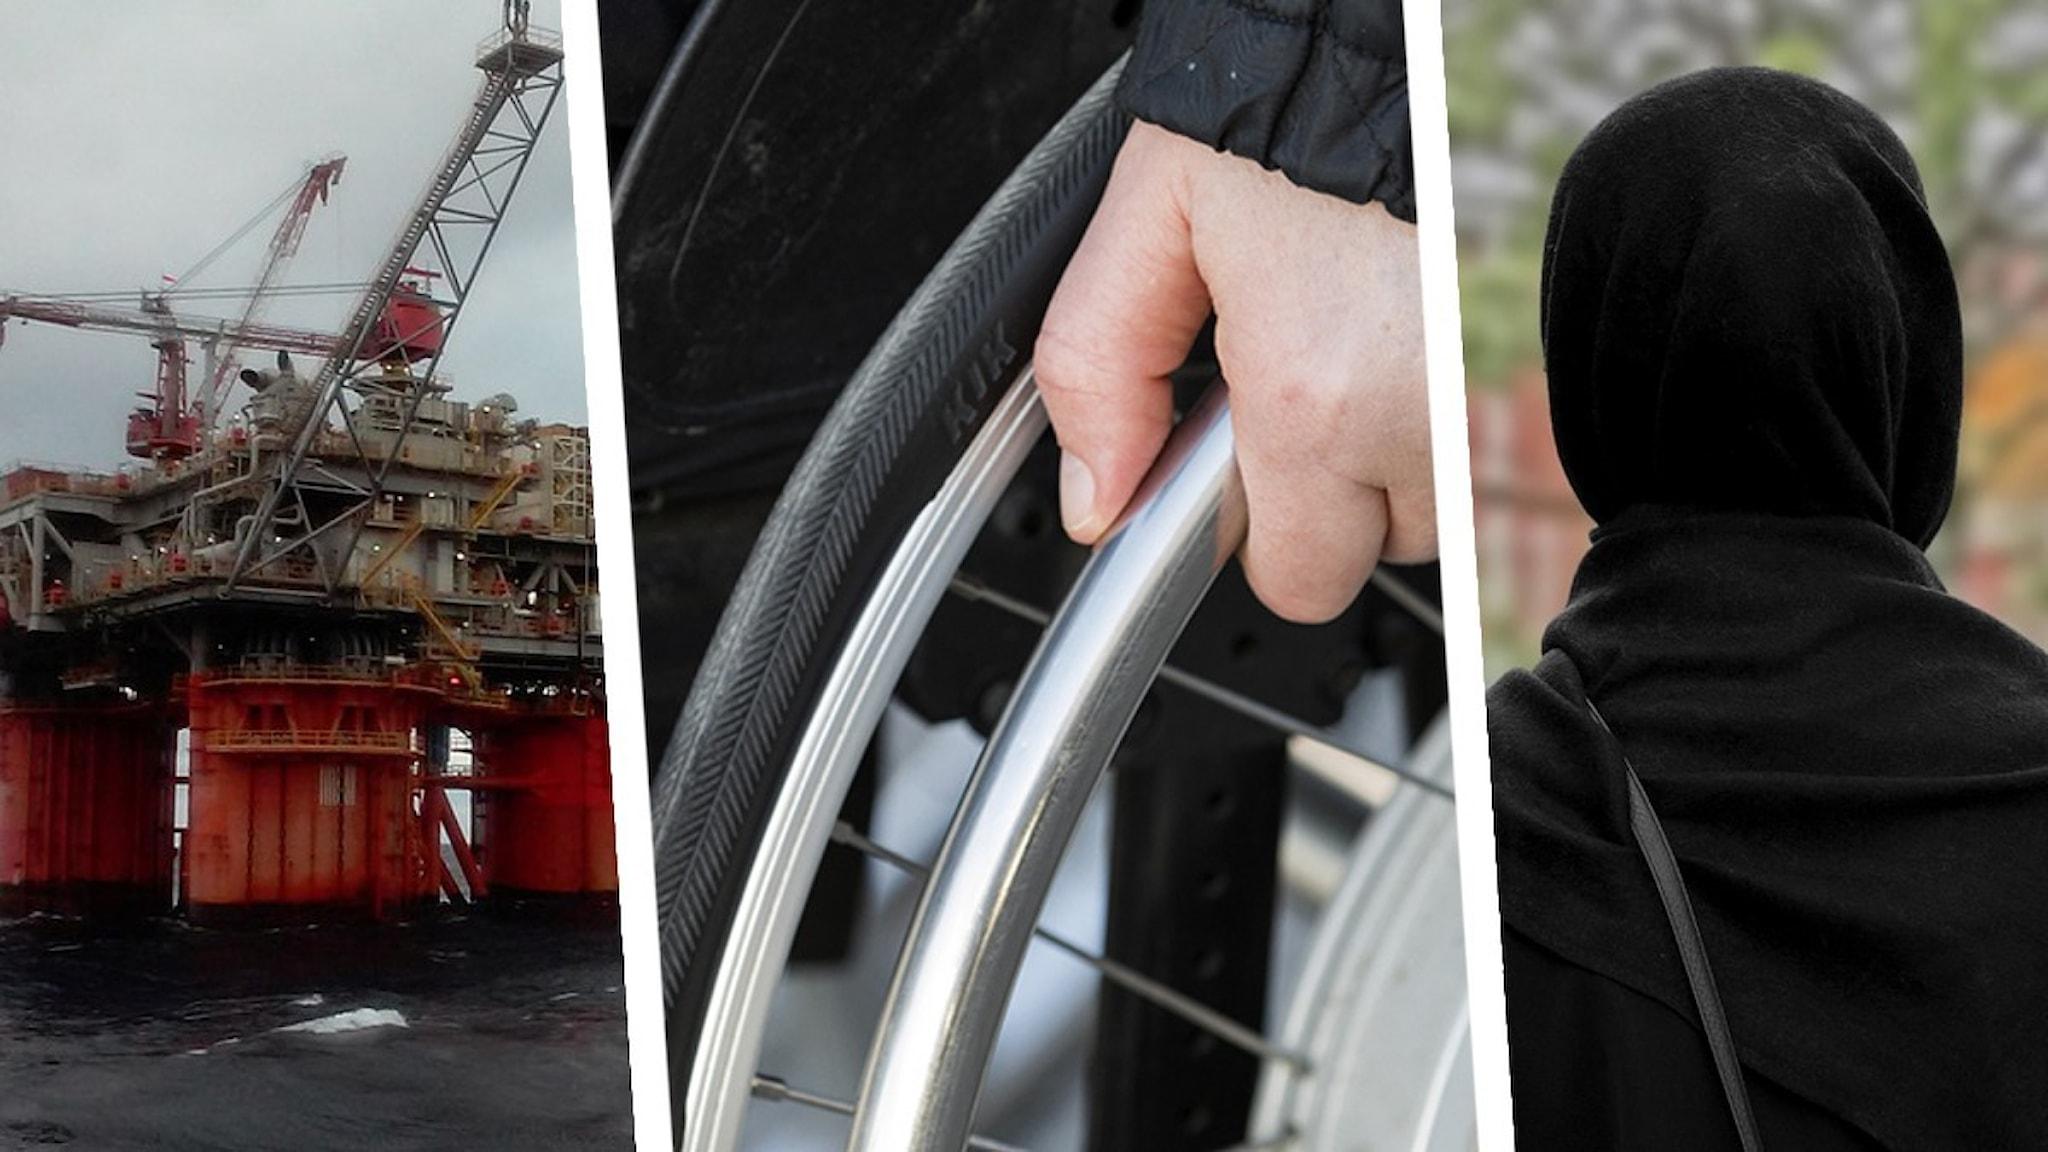 Del av bild på oljeplattform ur granskningen av statliga AP-fondernas innehav, hand på rullstolshjul från en granskning av assistansersättning och silhuett av kvinna från granskningen av en friskola i Göteborg.